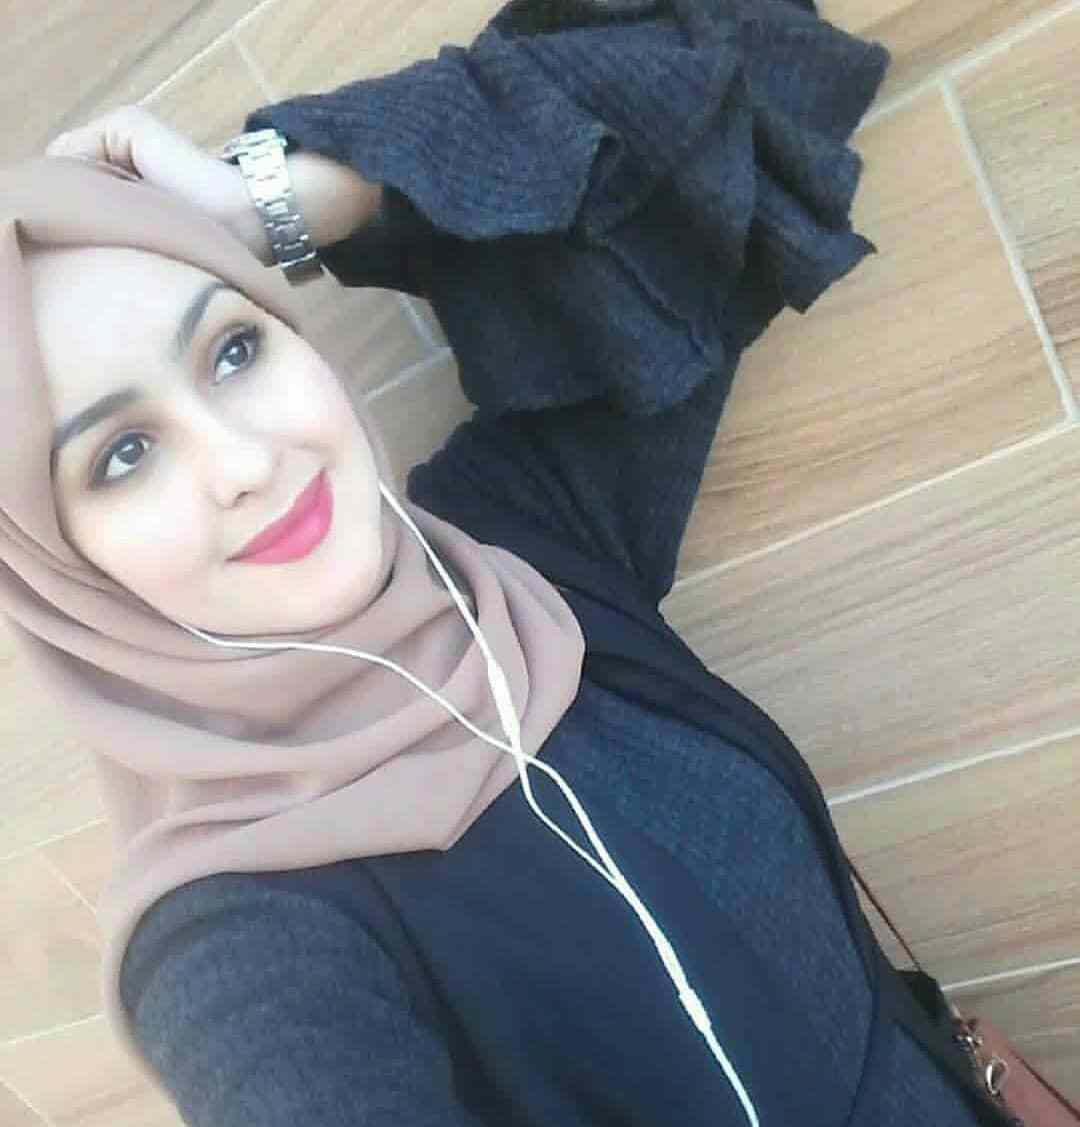 بالصور بنات مصرية , الجمال المصري واجمل البنات المصريه 5387 4